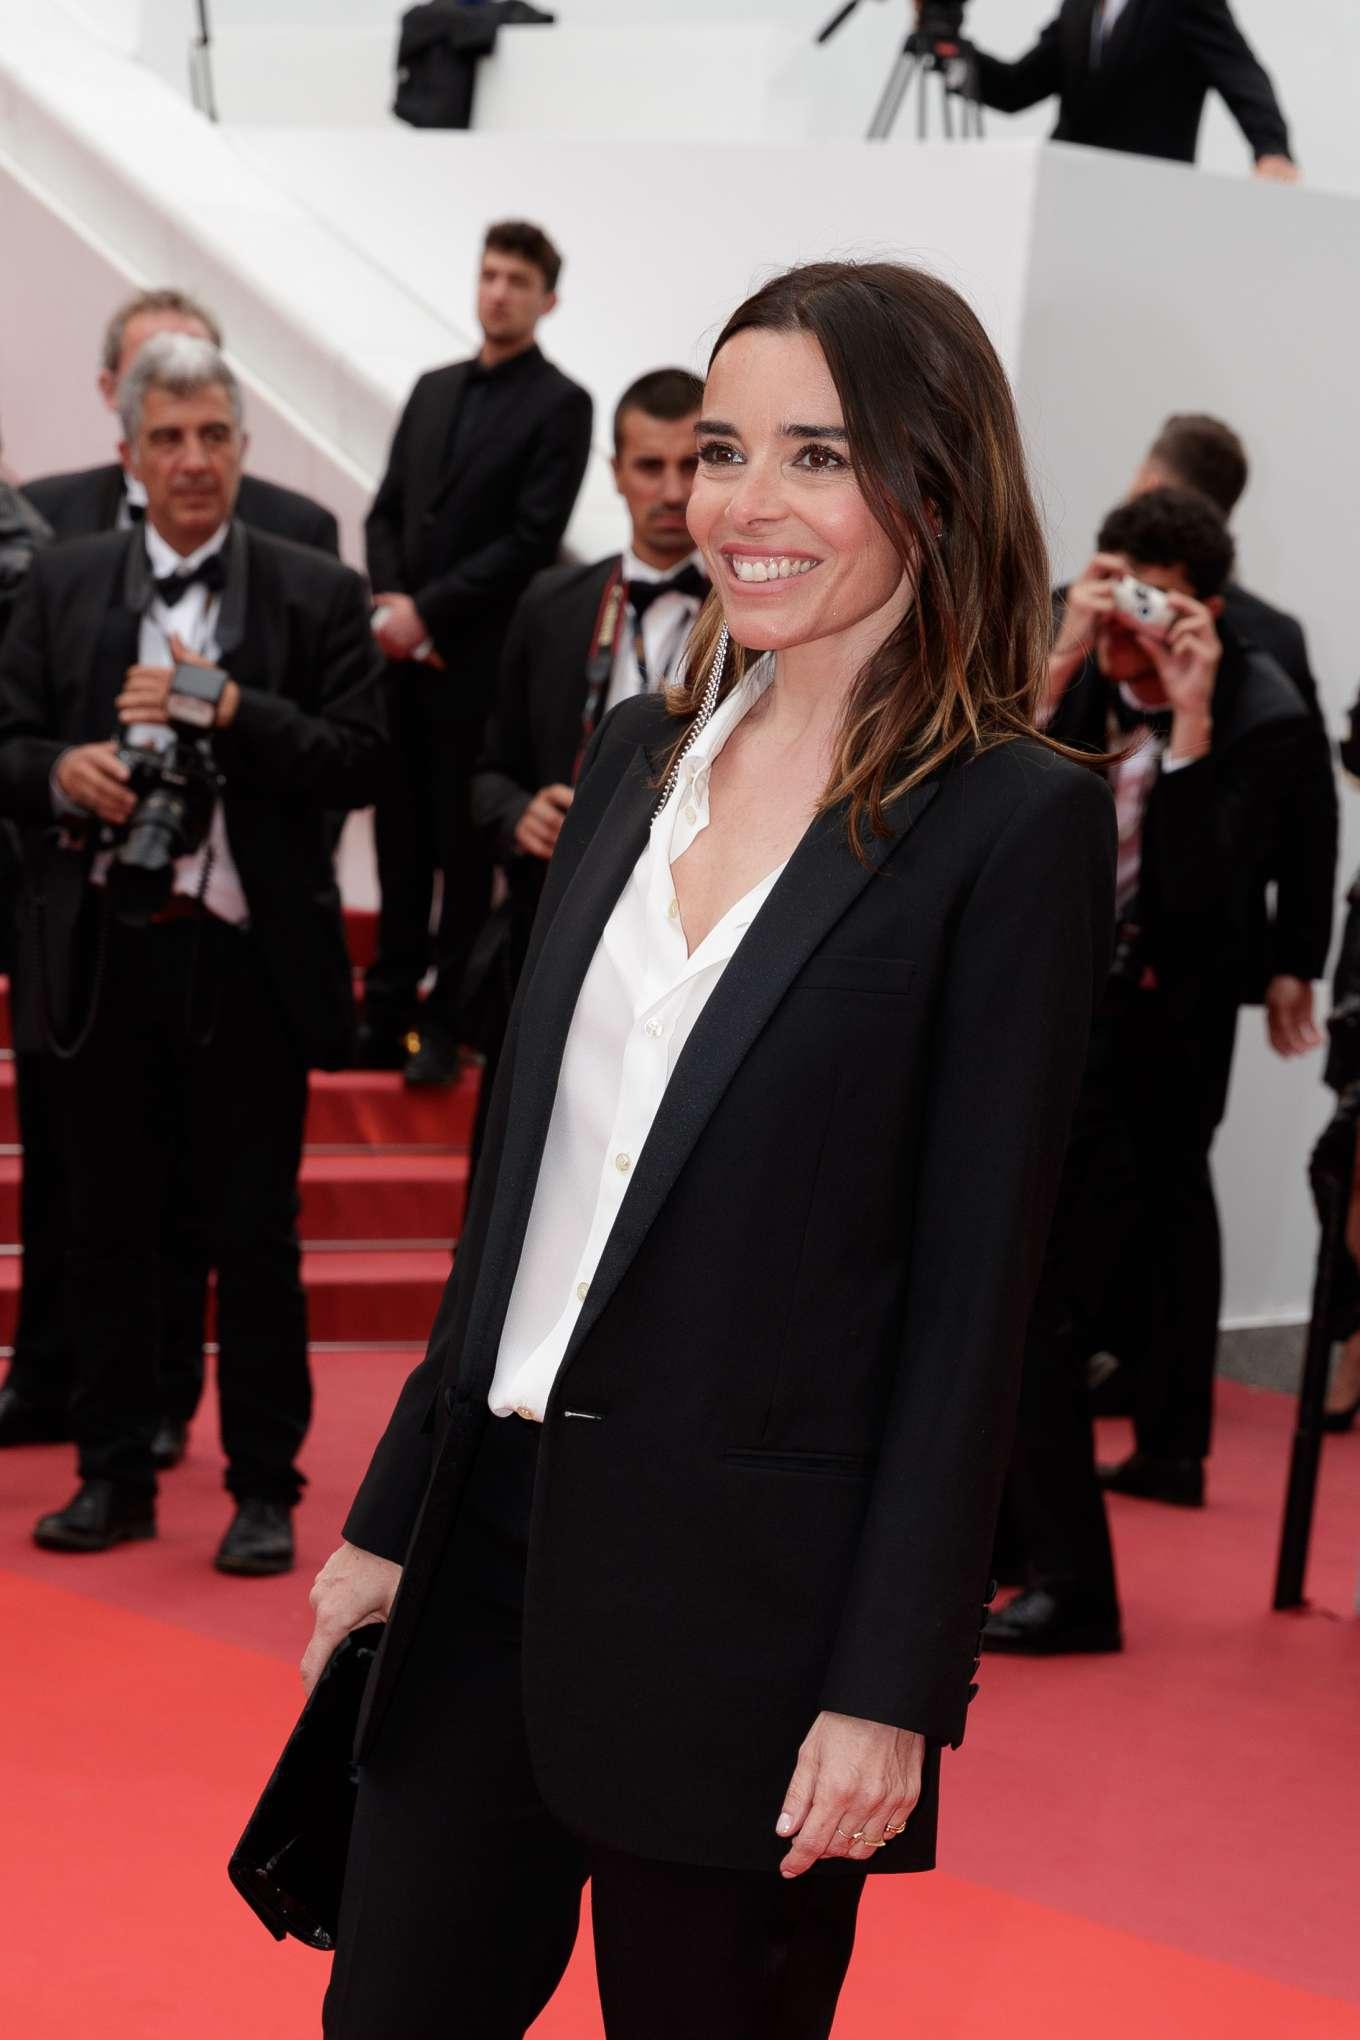 Elodie Bouchez 2019 : Elodie Bouchez: La Belle Epoque Premiere at 2019 Cannes Film Festival-07